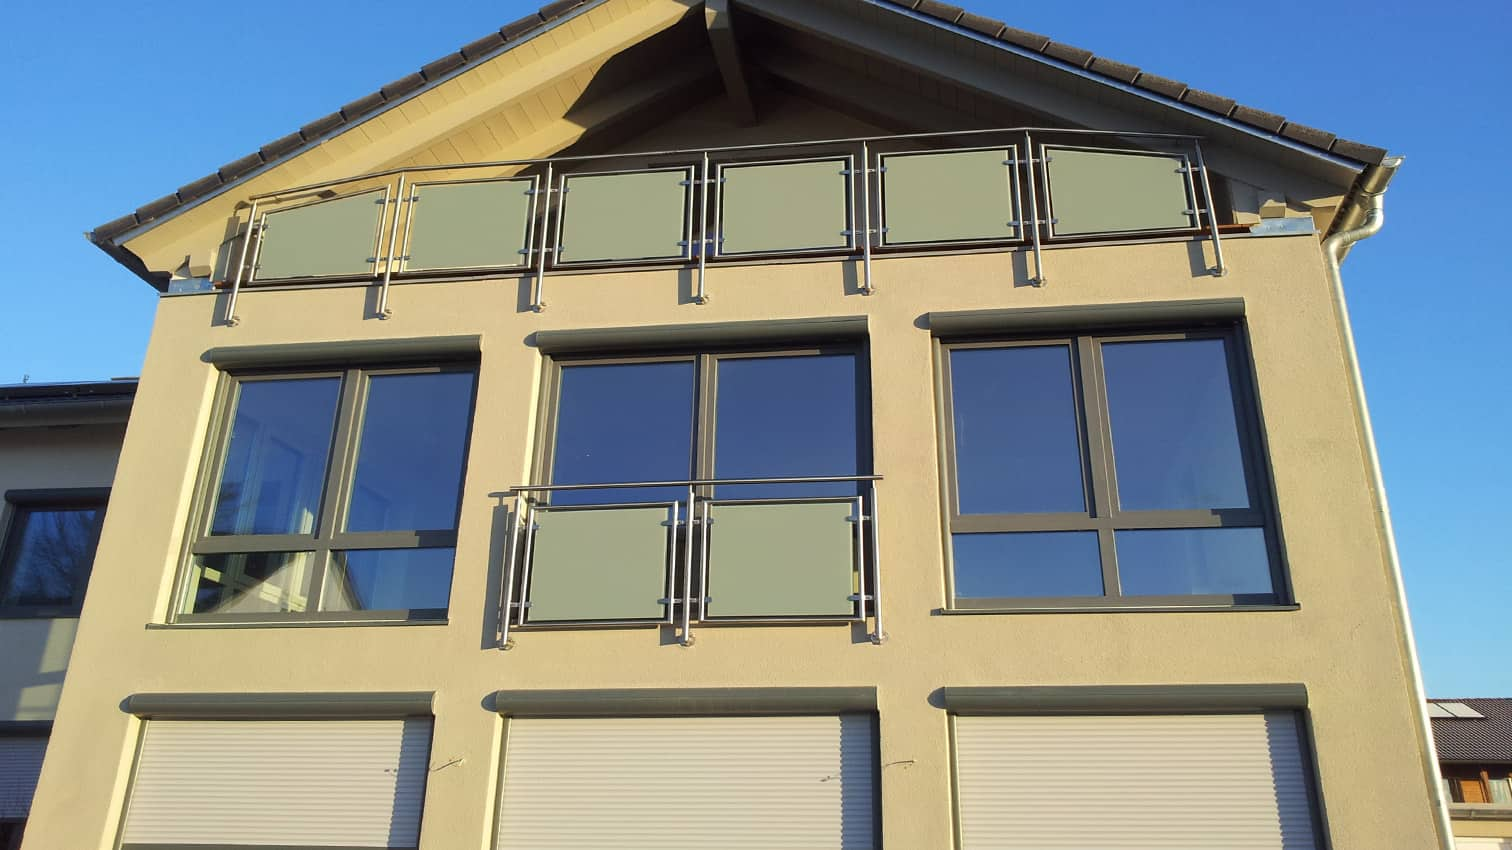 Balkon mit satiniertem Glas